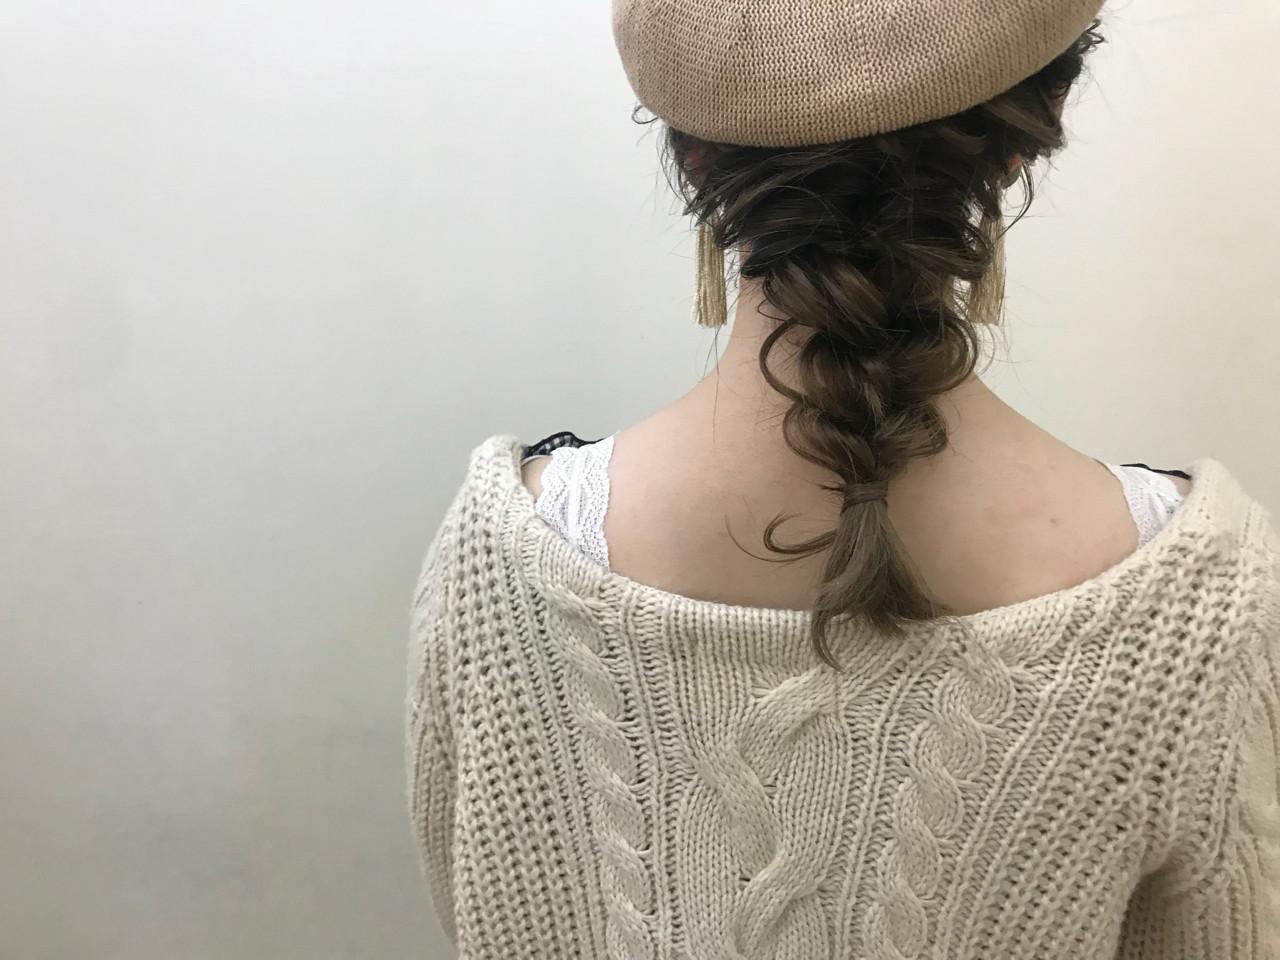 まとめ髪×ハットアレンジもかわいい♡ yumiko/sapporoSKNOW